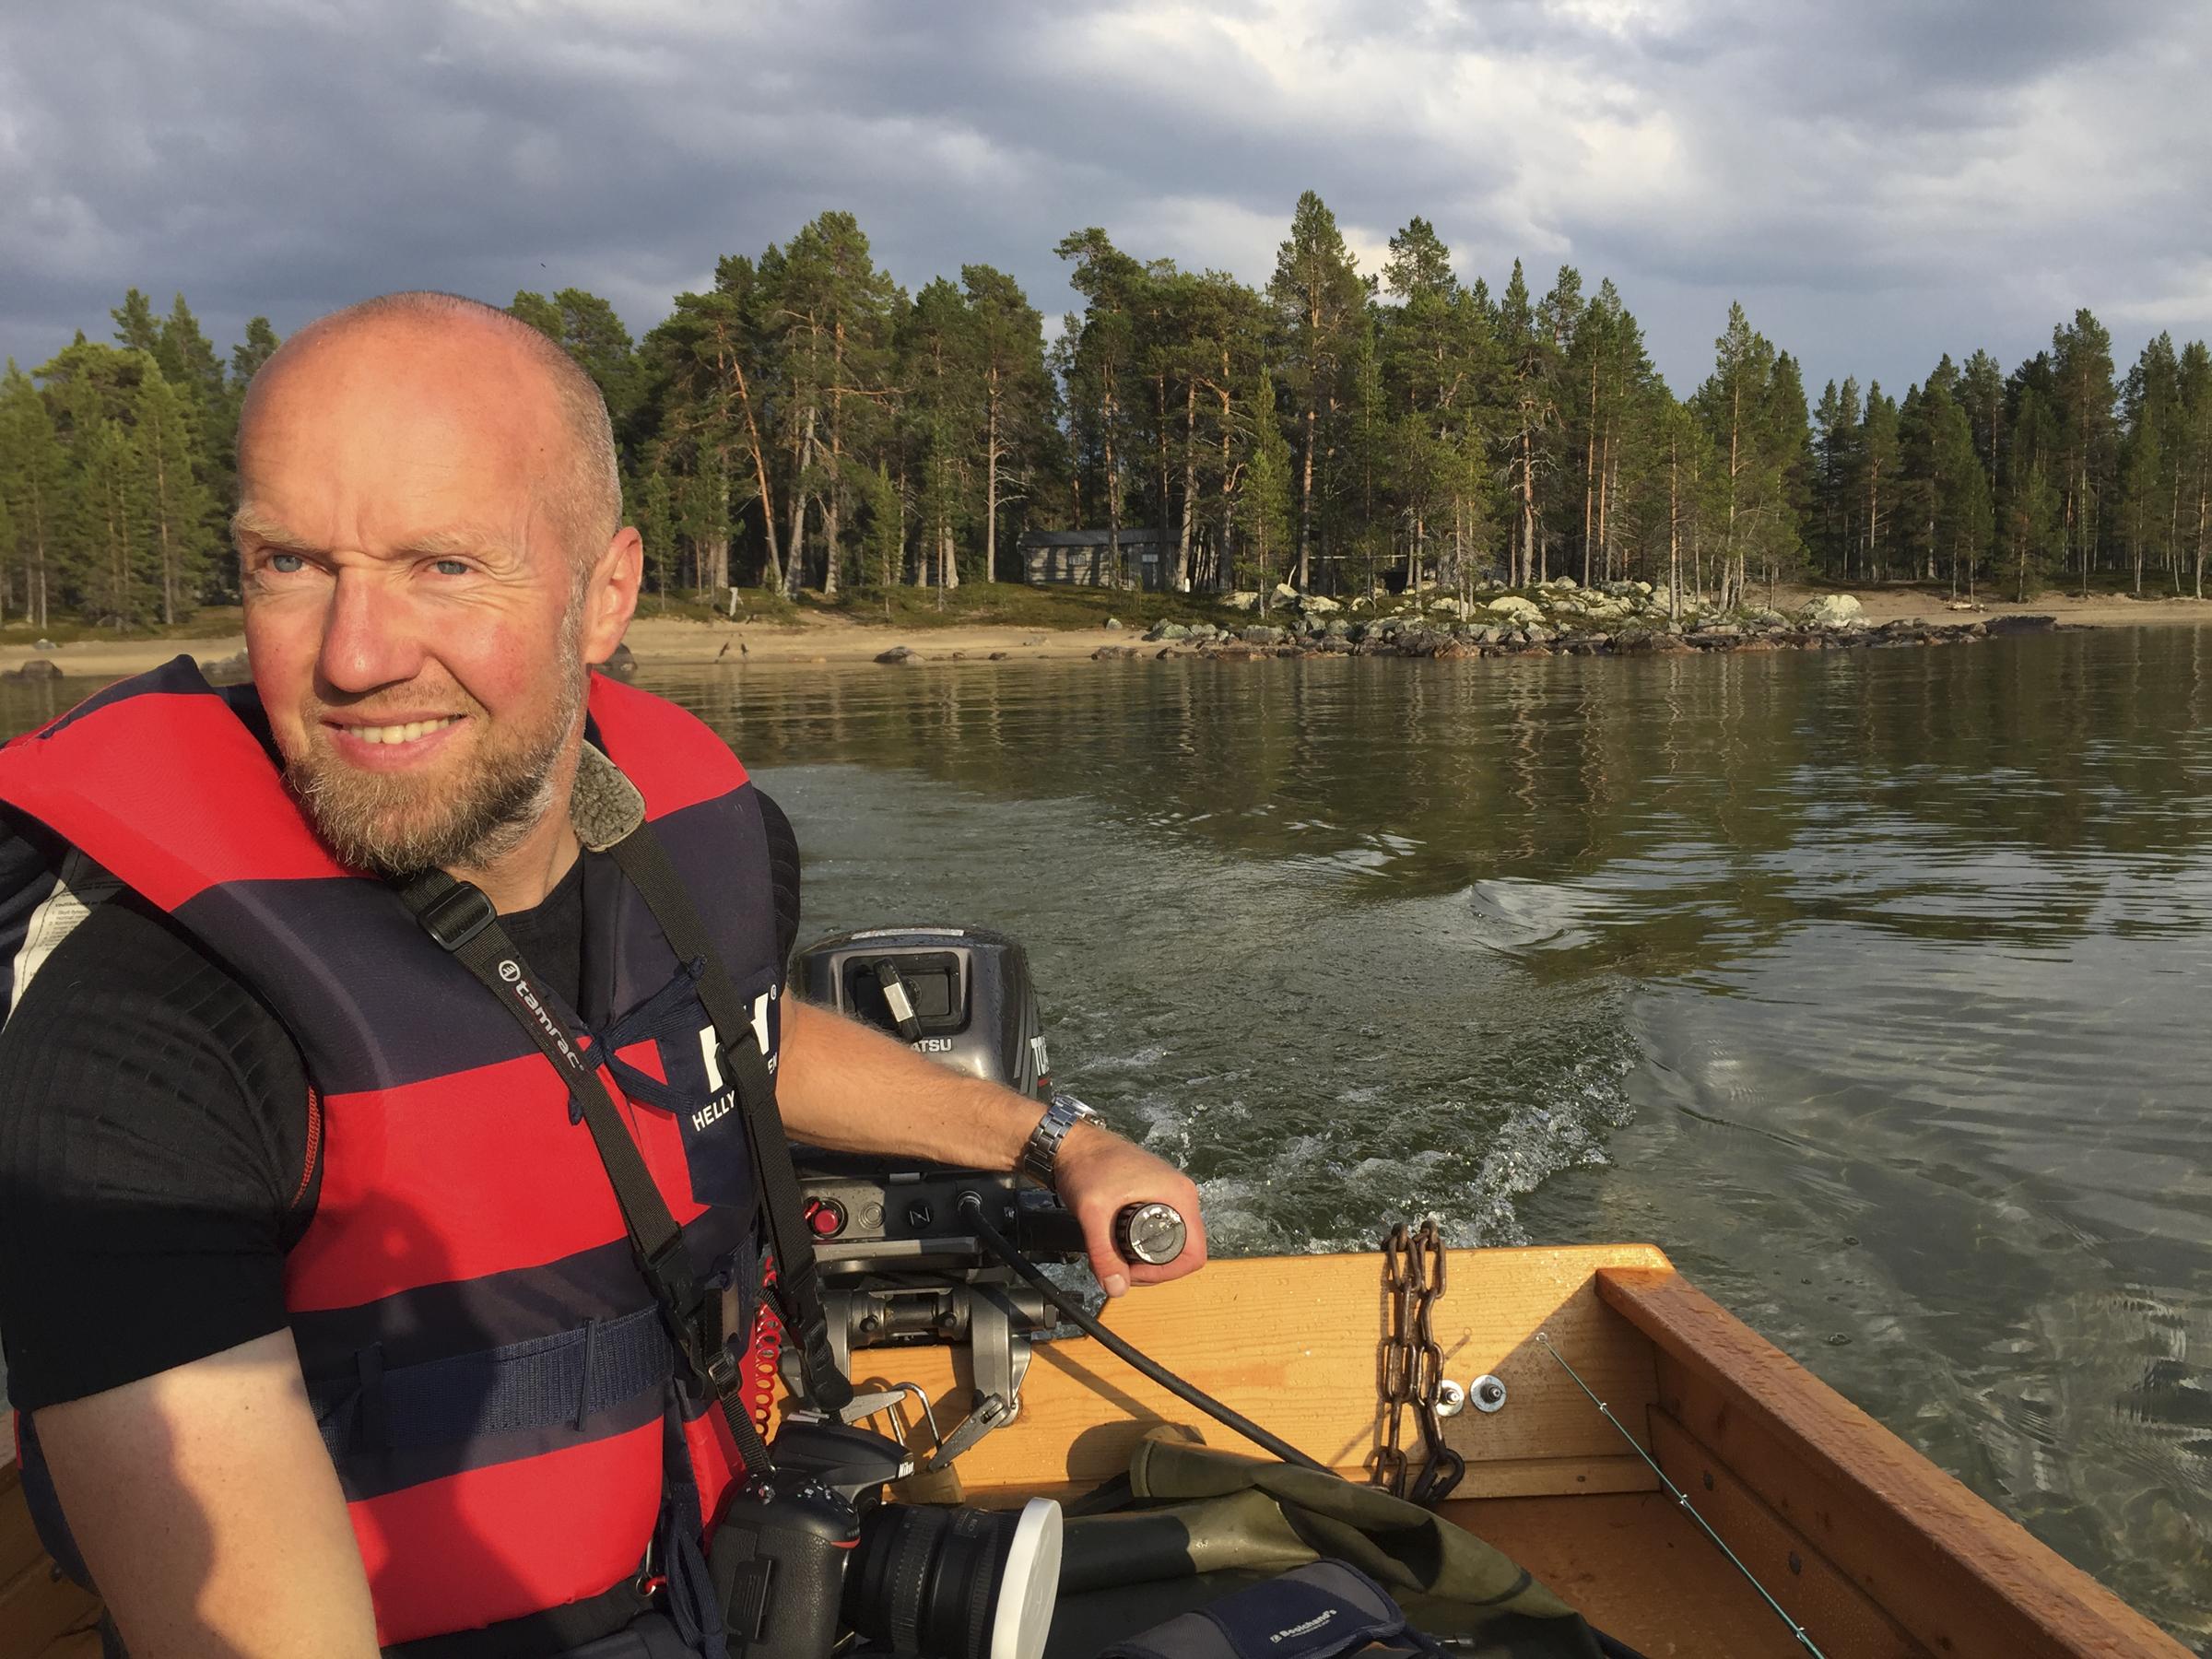 Jan-Rune Samuelsen